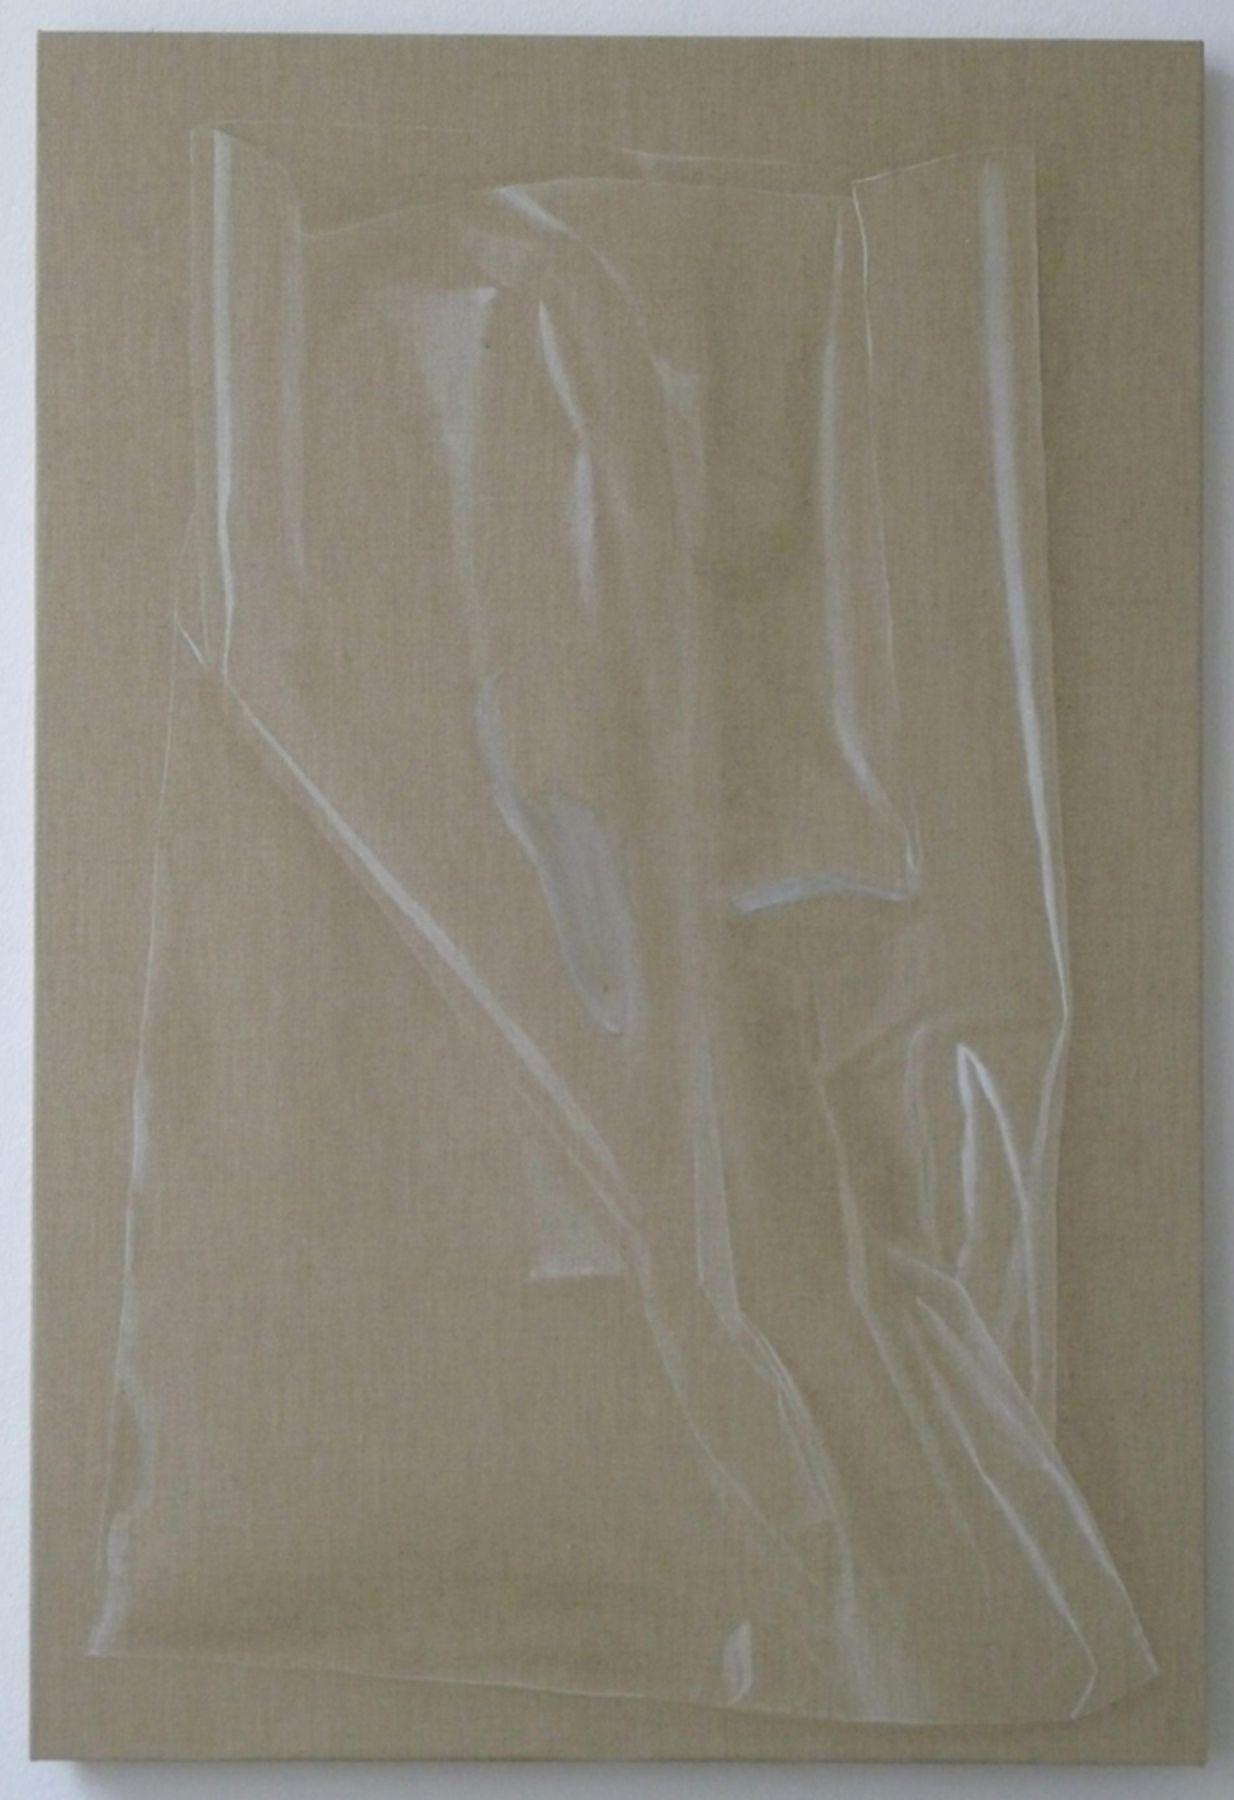 , HELENE APPELPlastic Bag,2014Watercolor on linen43 11/16 x 29 1/2 in. (111 x 75 cm)